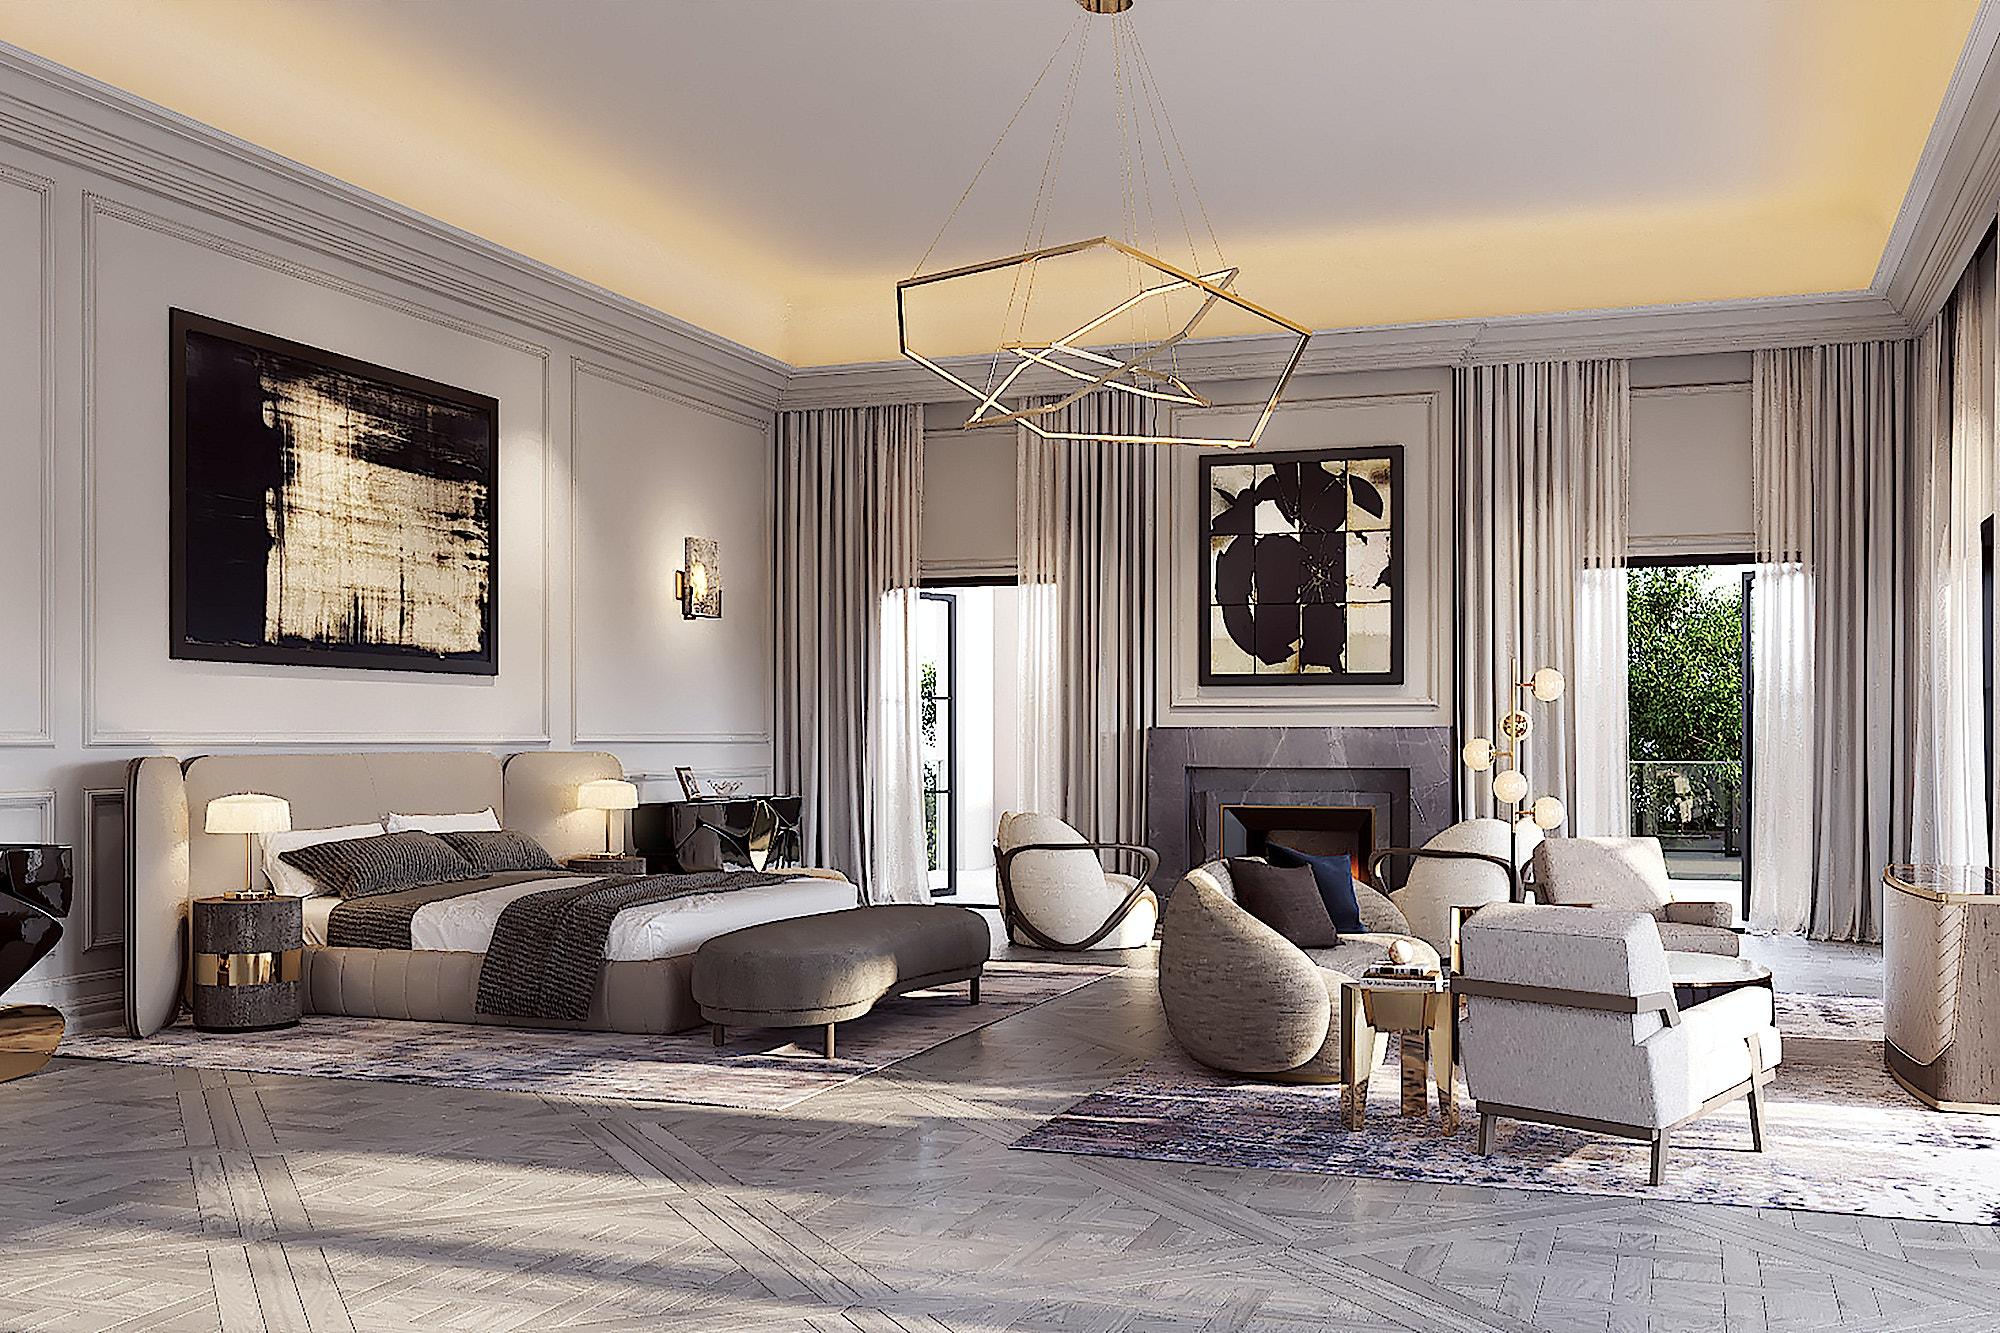 MAWD-Bel-Air-luxury-residential-bedroom